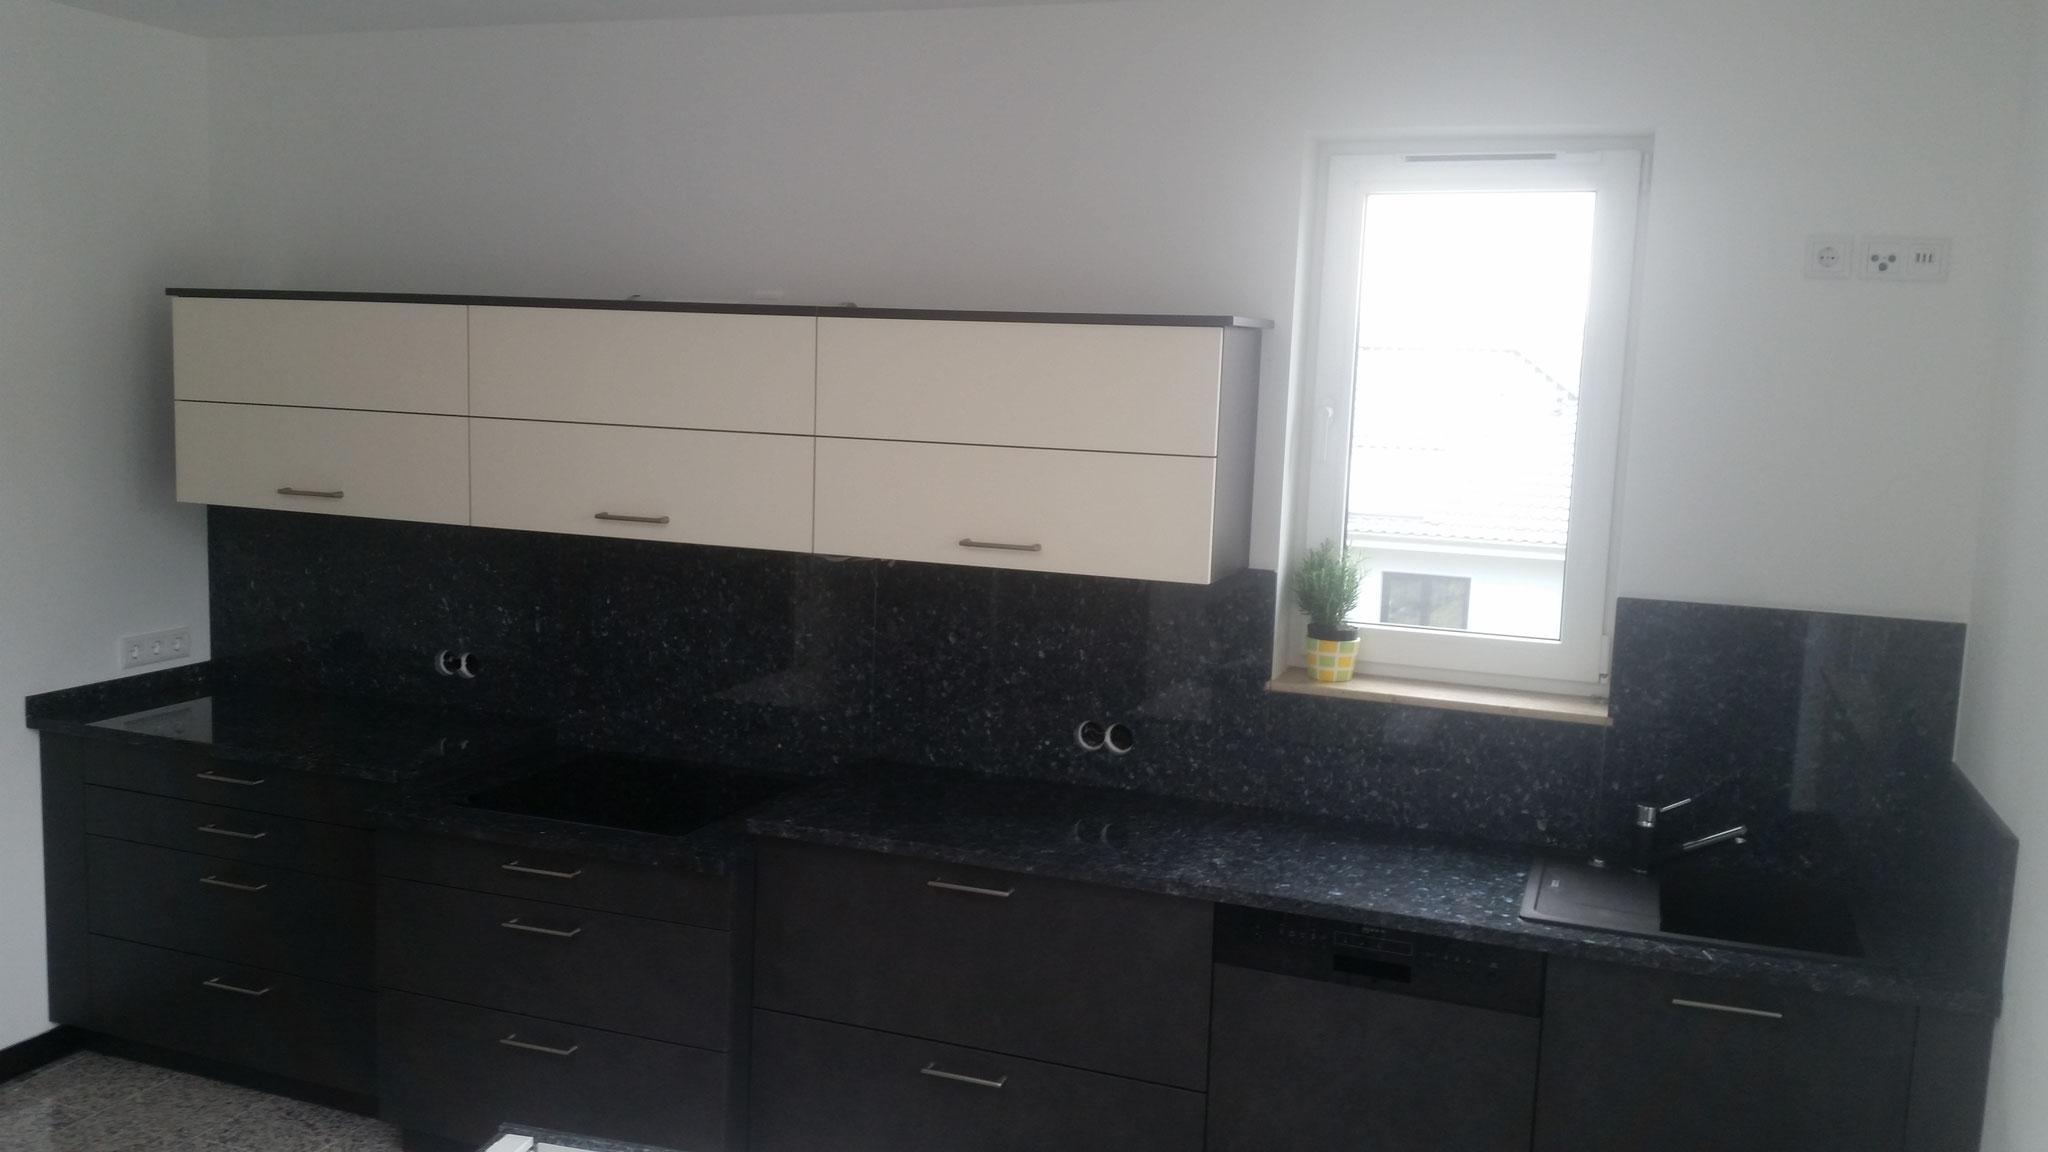 Küchenarbeitsplatte mit Spiegel aus Labrador Blue Pearl GT